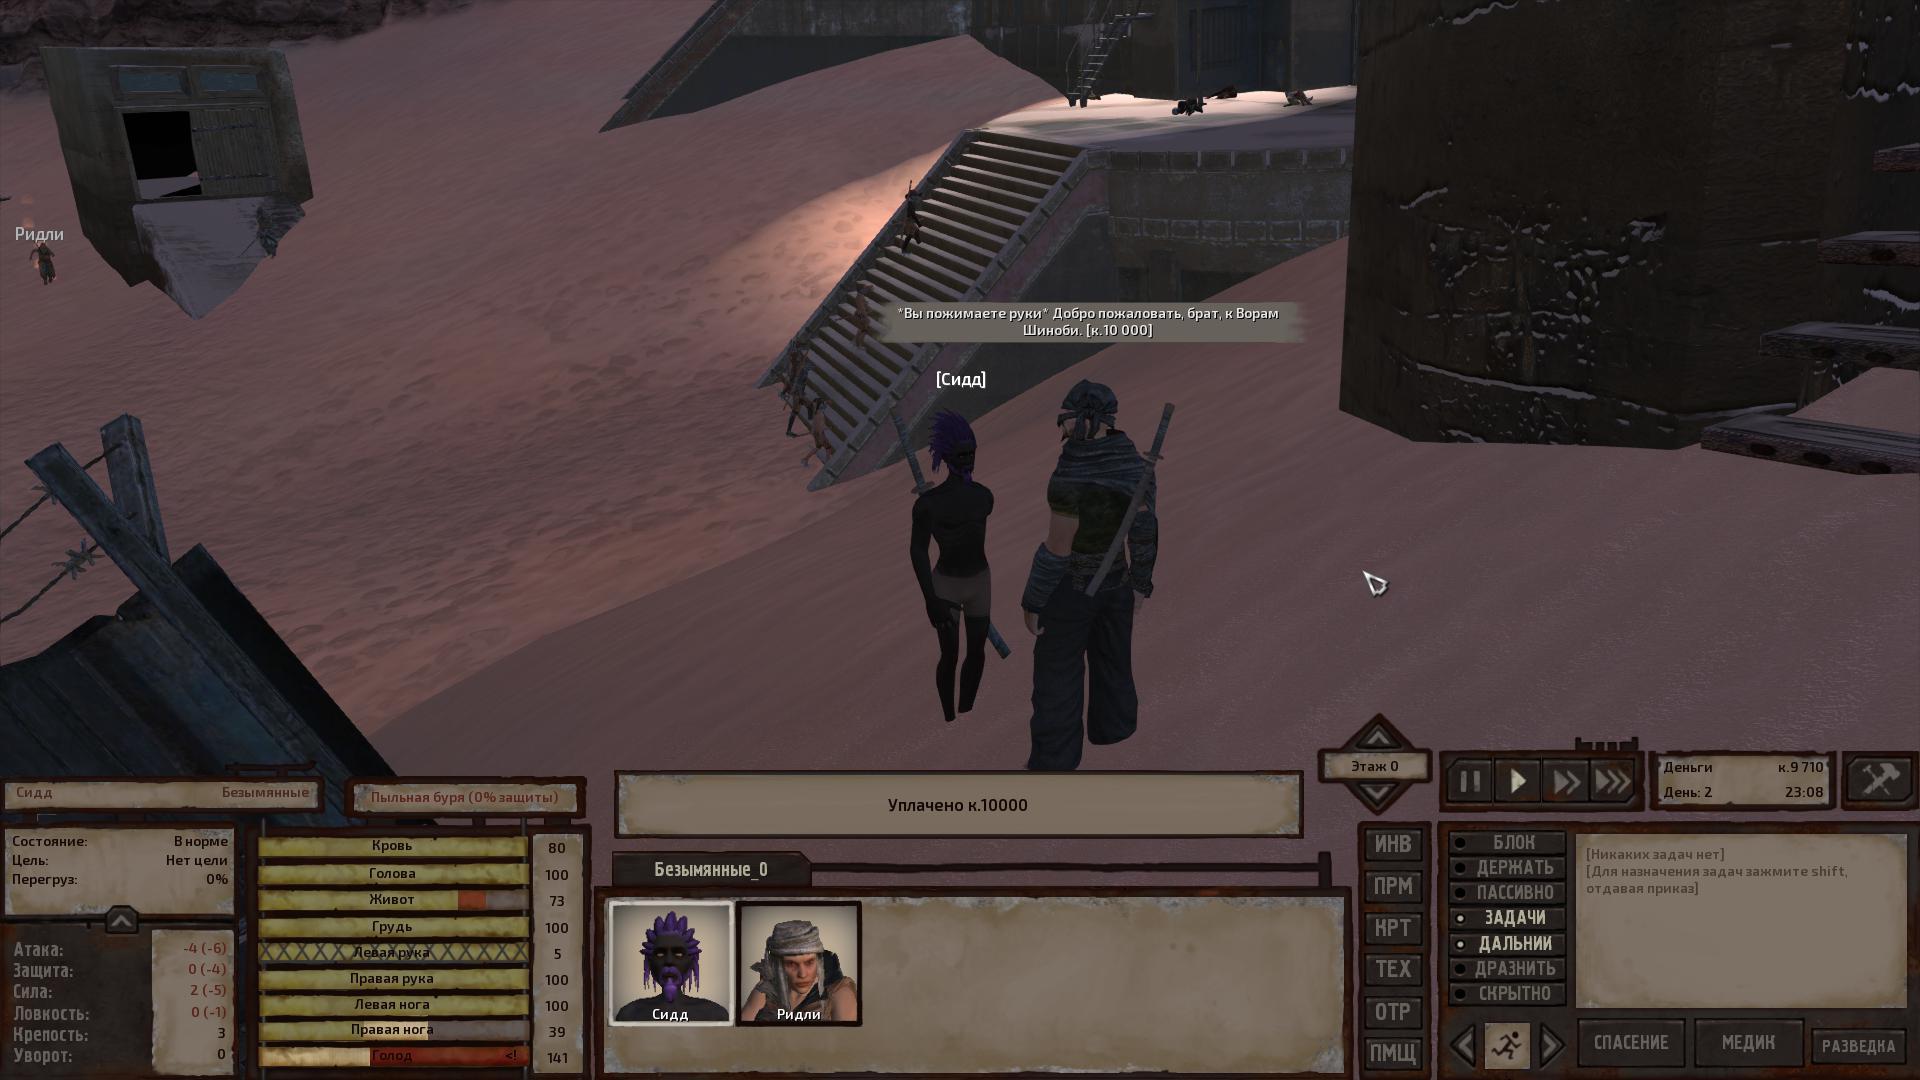 screenshot_19-jpg.5249